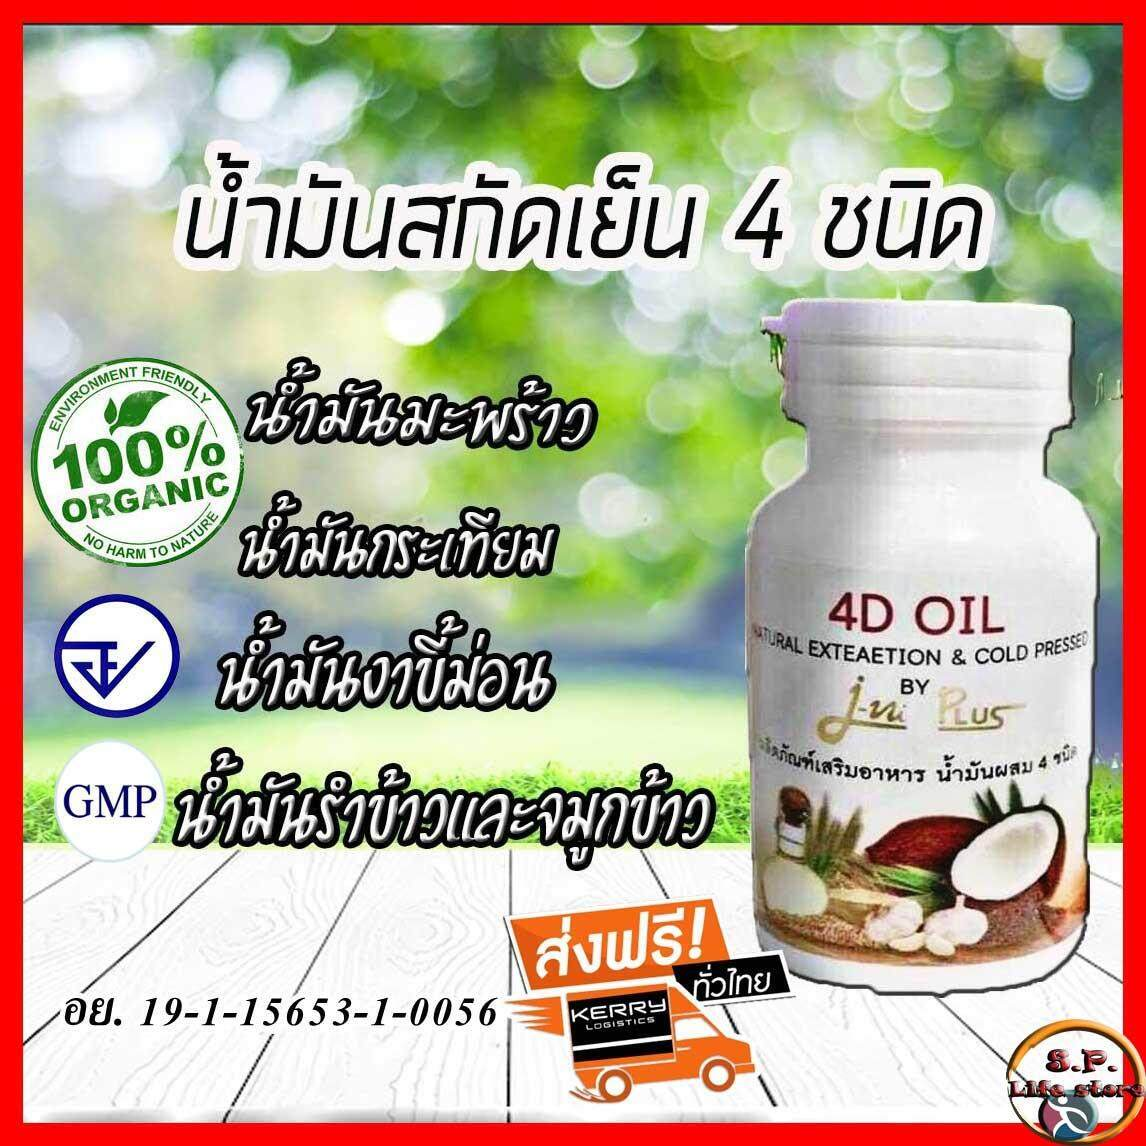 น้ำมันสกัดเย็น 4d Oil  น้ำมันมะพร้าว+น้ำมันกระเทียม+น้ำมันงาม่อน+รำข้าวและจมูกข้าว (น้ำมันสกัดเย็น 4 ชนิด ) 60 แคปซูล.